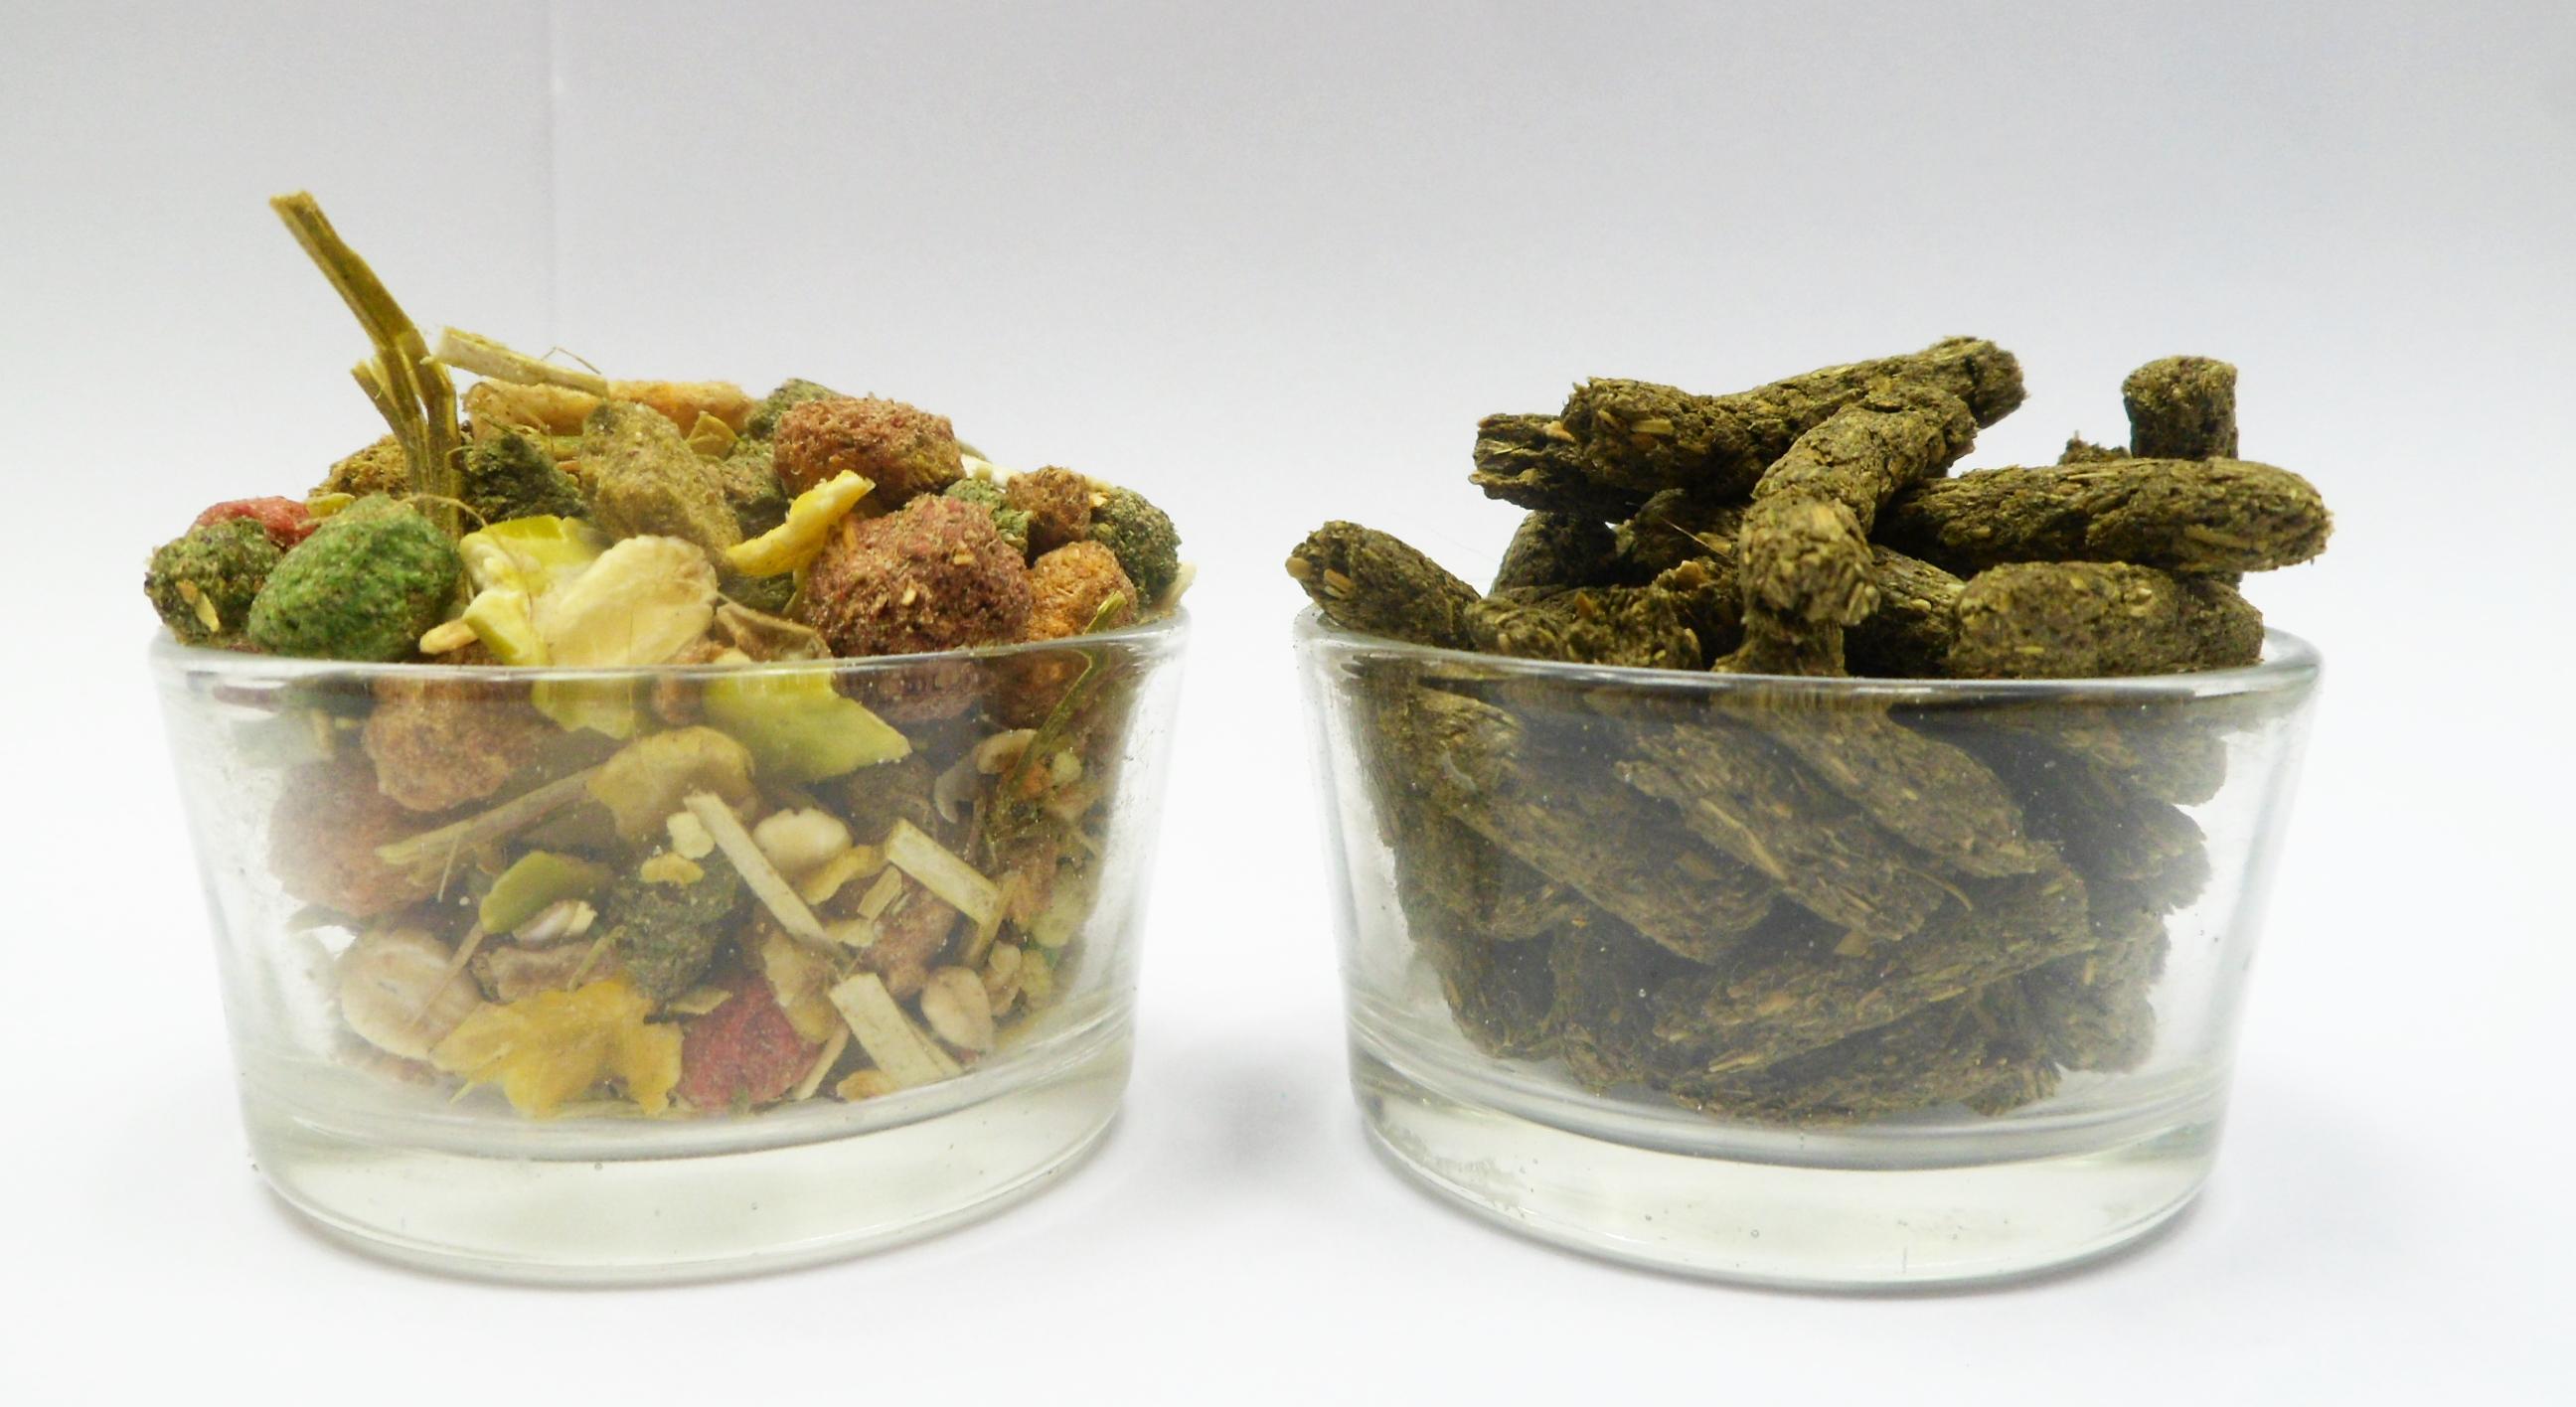 Dieta u szynszyli - jak zmienić karmę i kiedy warto to zrobić?